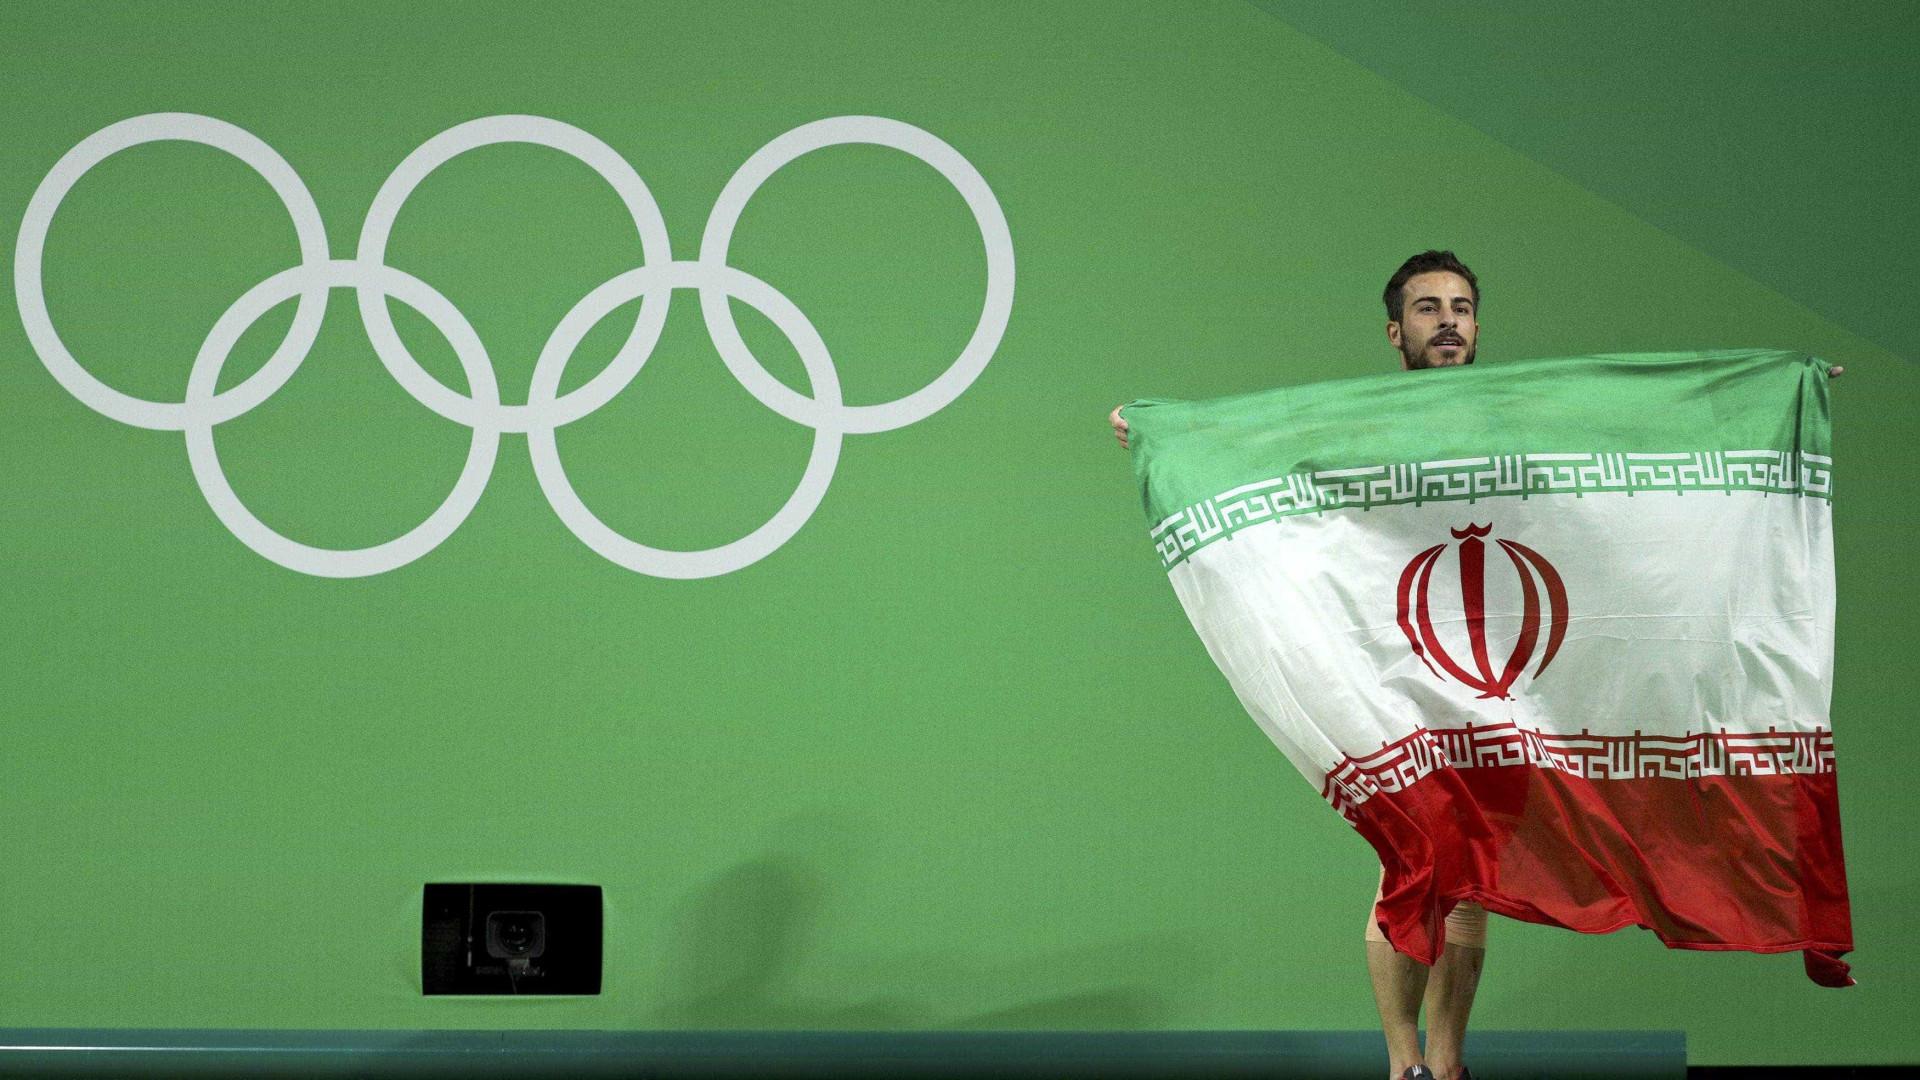 Campeão olímpico iraniano doa medalha para ajudar vítimas de sismo